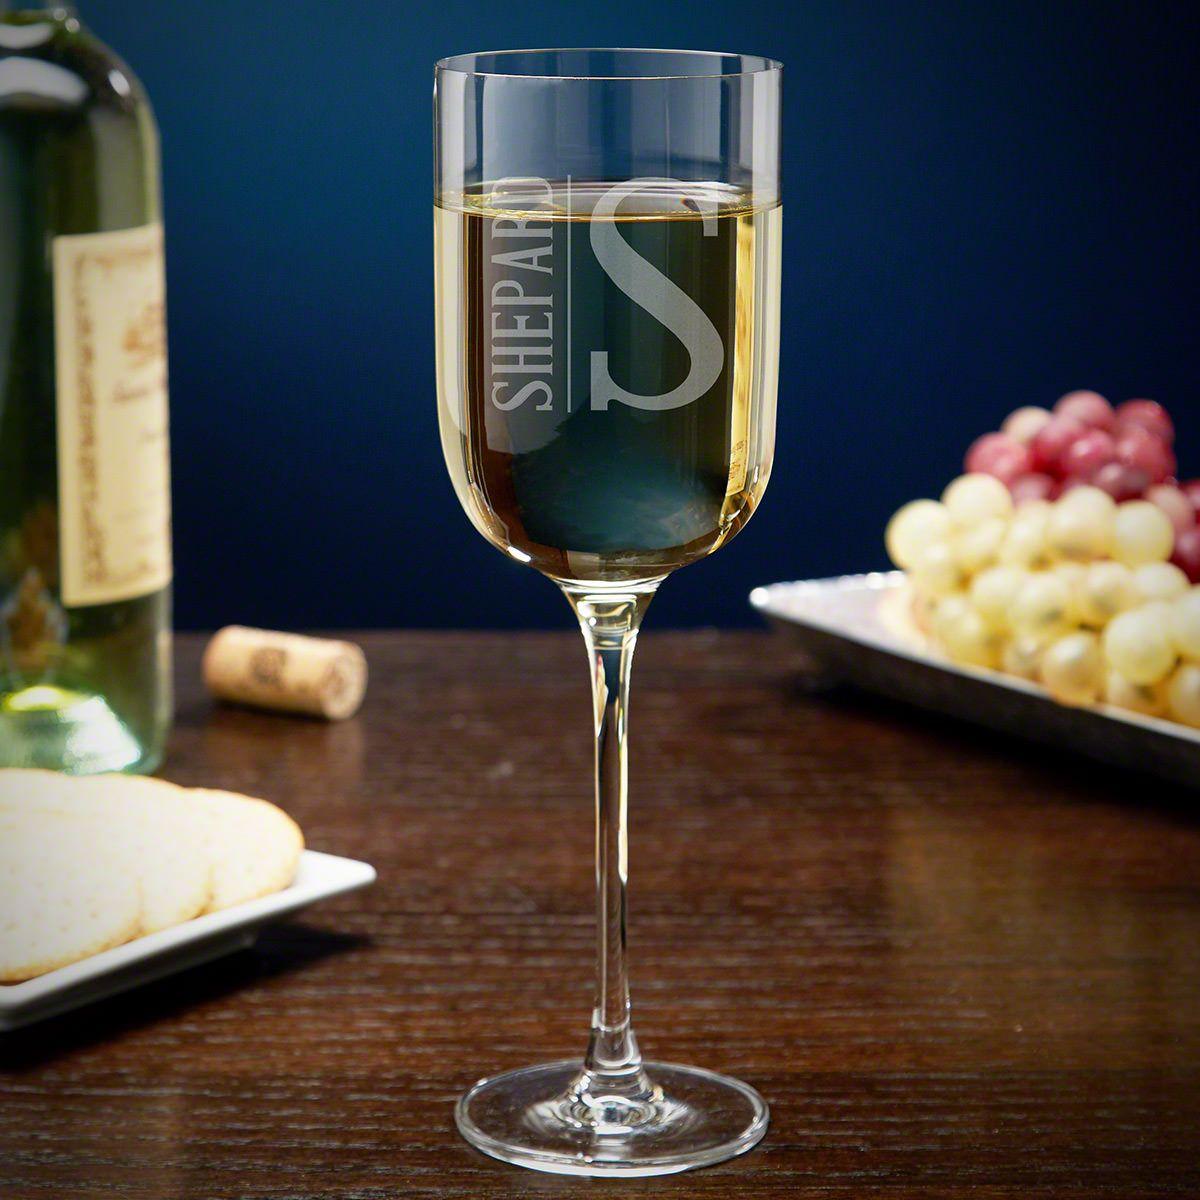 Elton Custom Long Stem Tall Wine Glass for White Wine